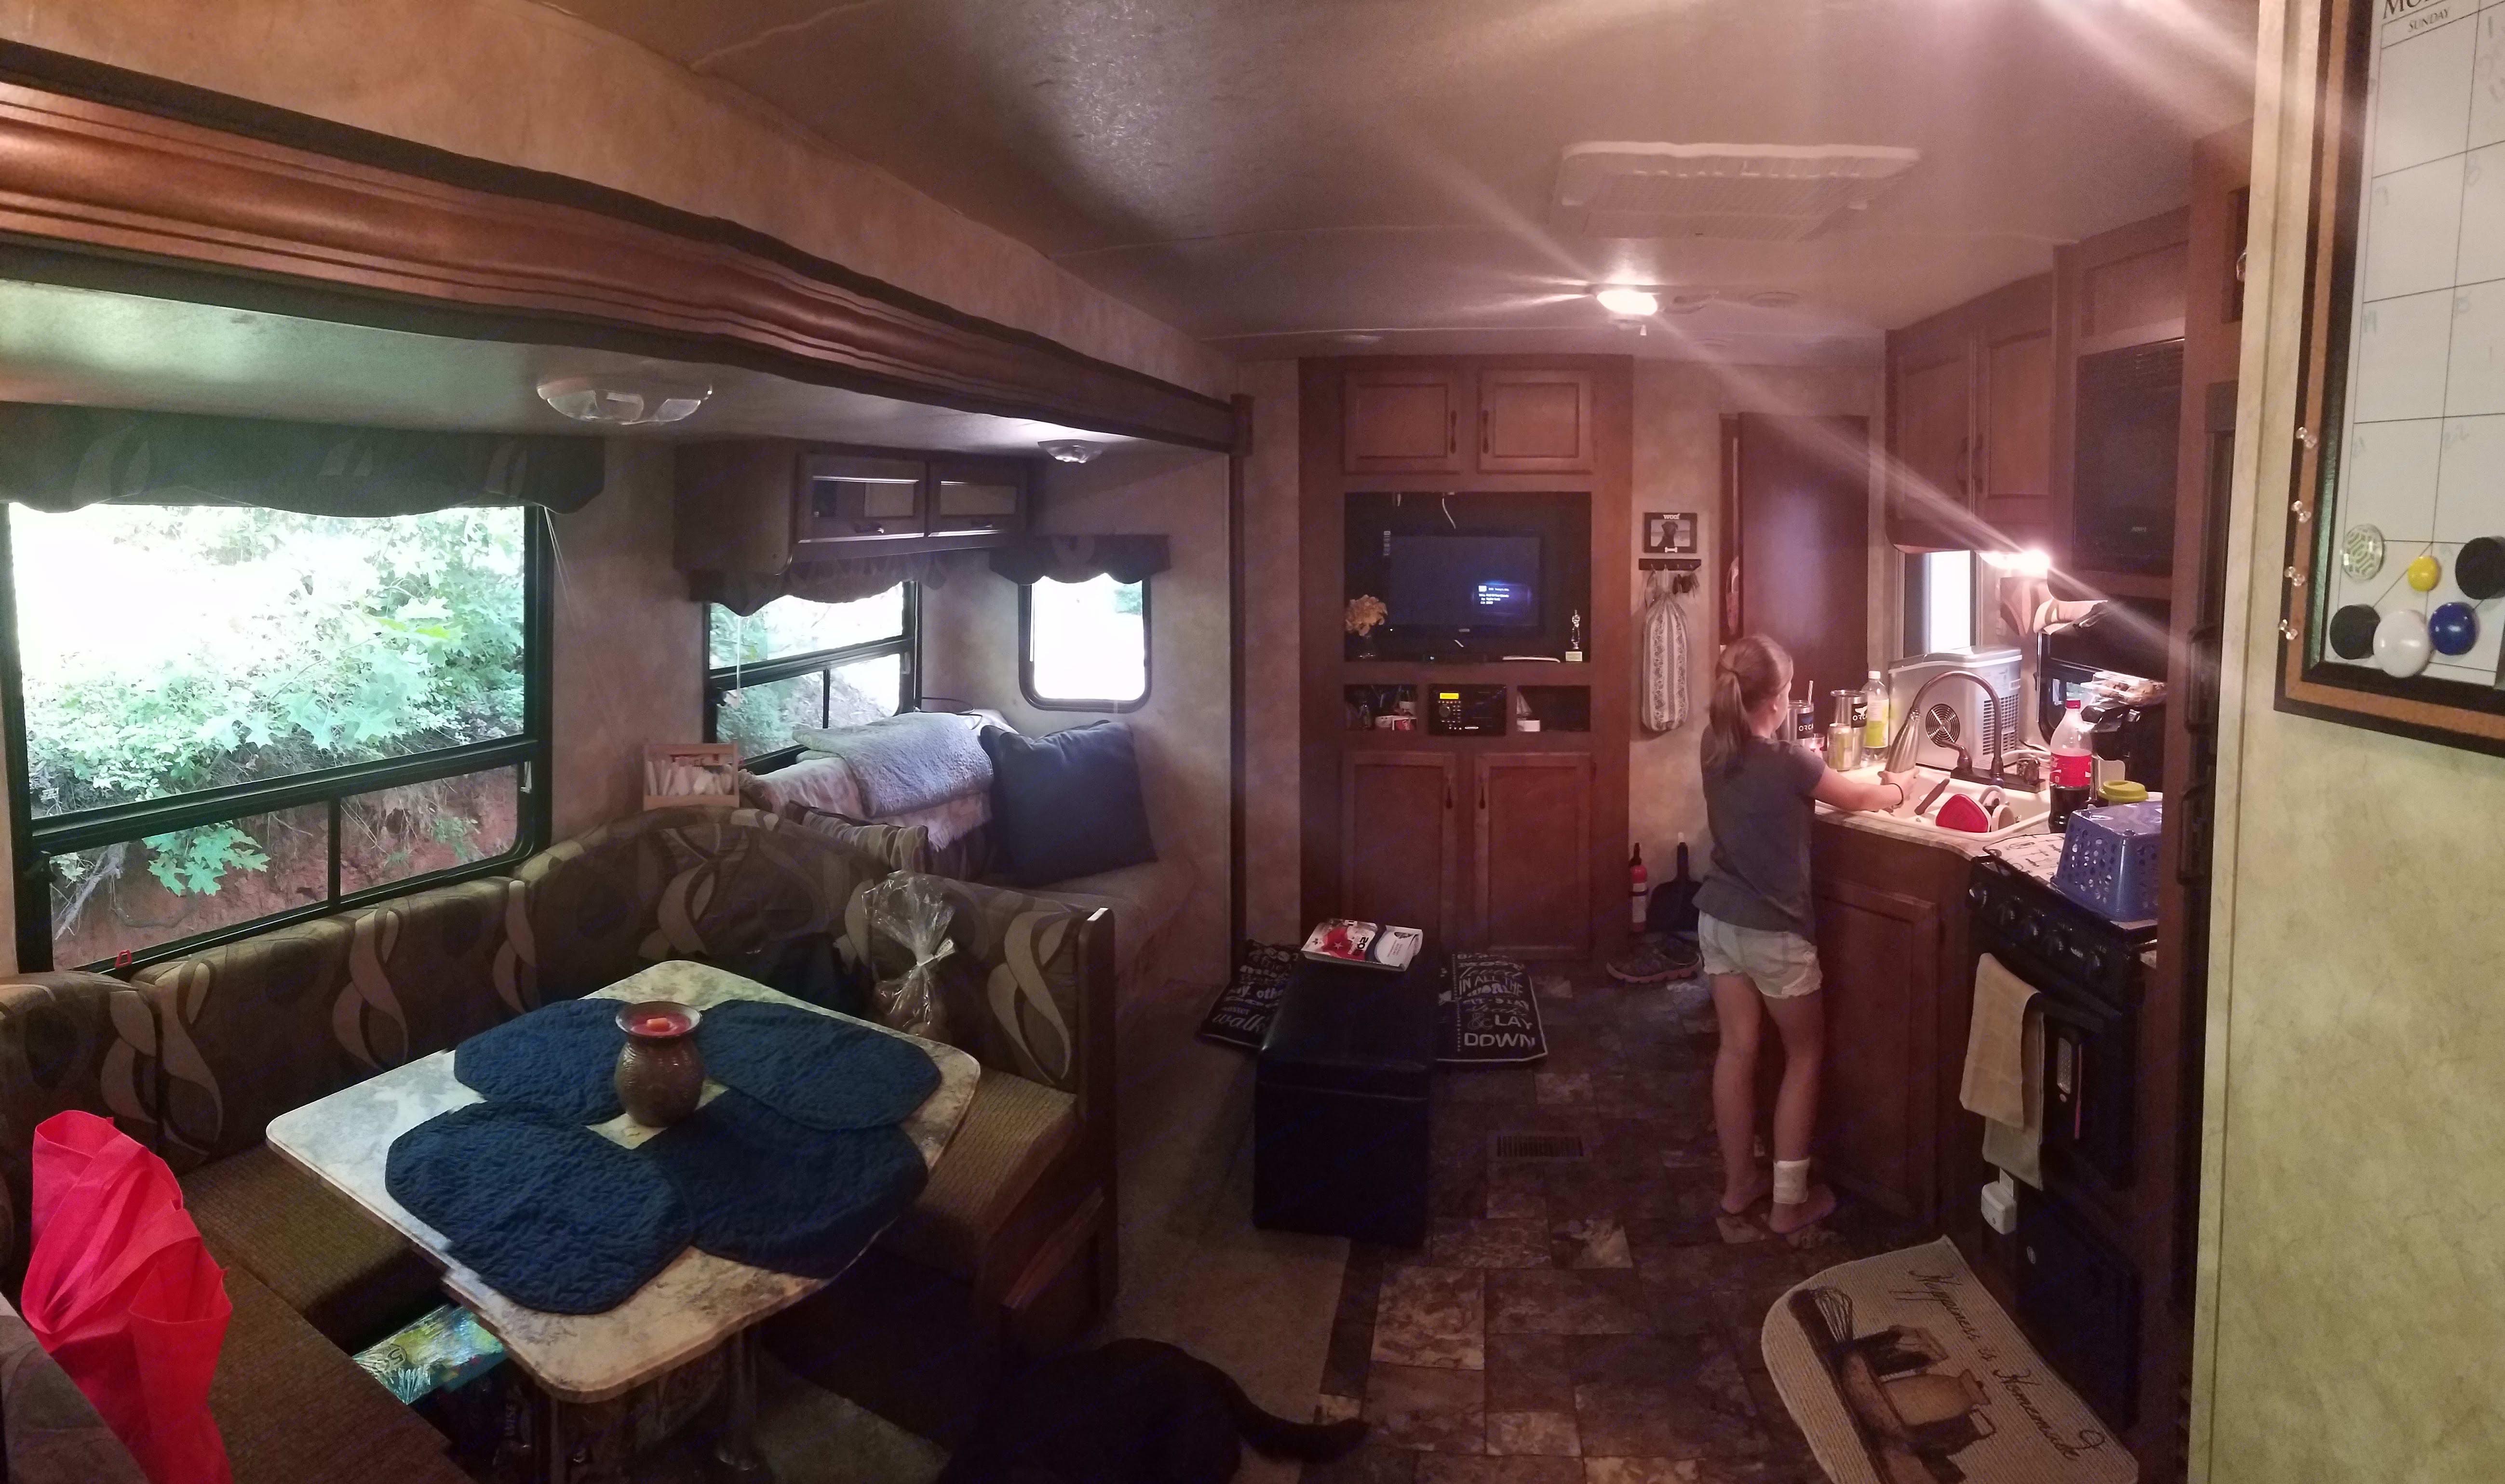 Kitchen and main living area looking towards the master bedroom.. Coachmen Catalina Santara 2014